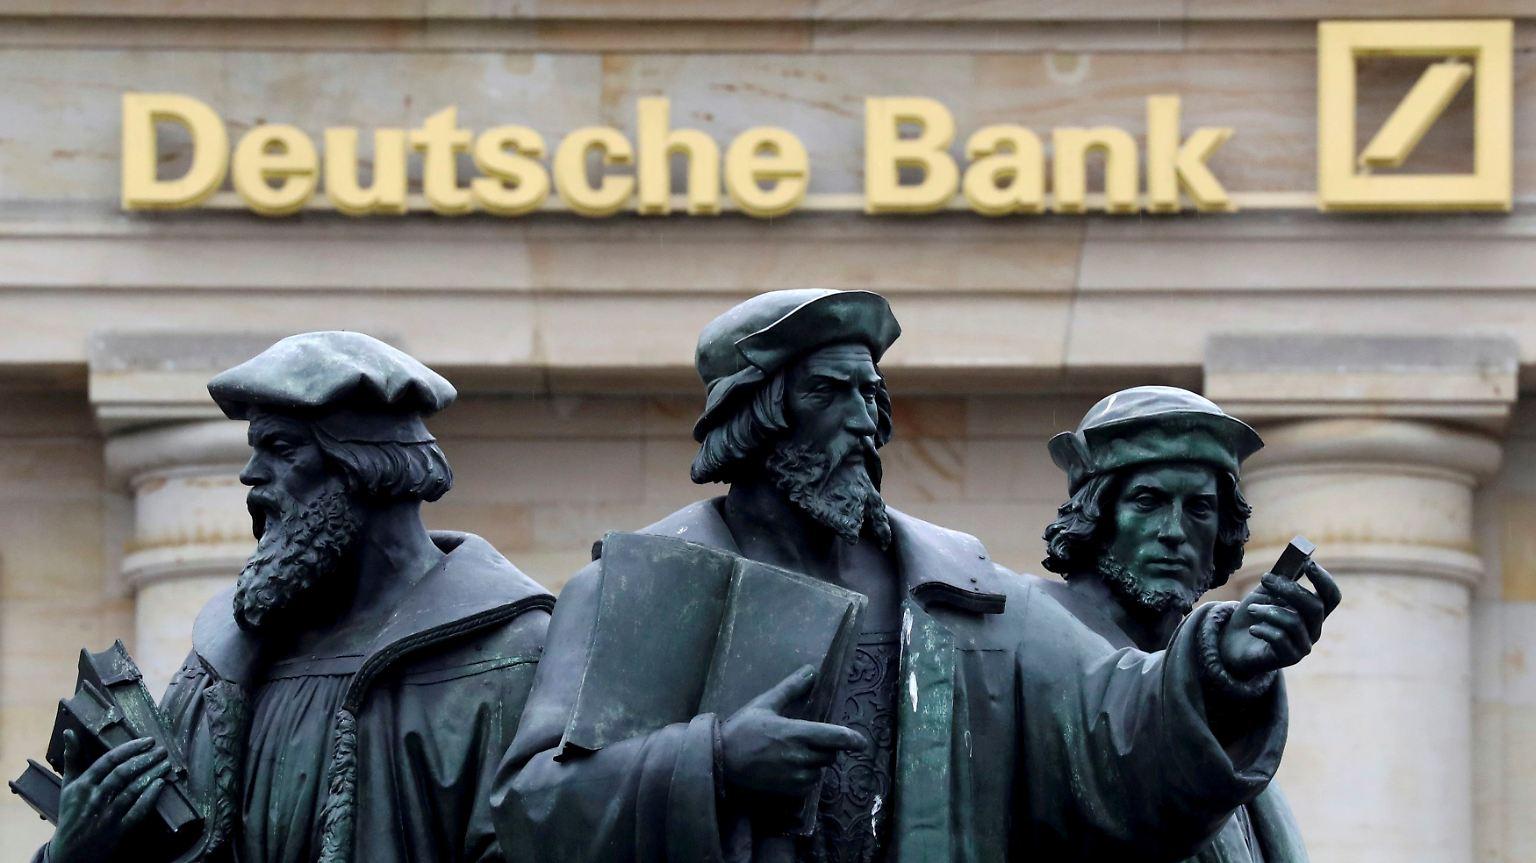 Milliardenverlust erwartet: Deutsche Bank bleibt in tiefroter Ära - n-tv.de